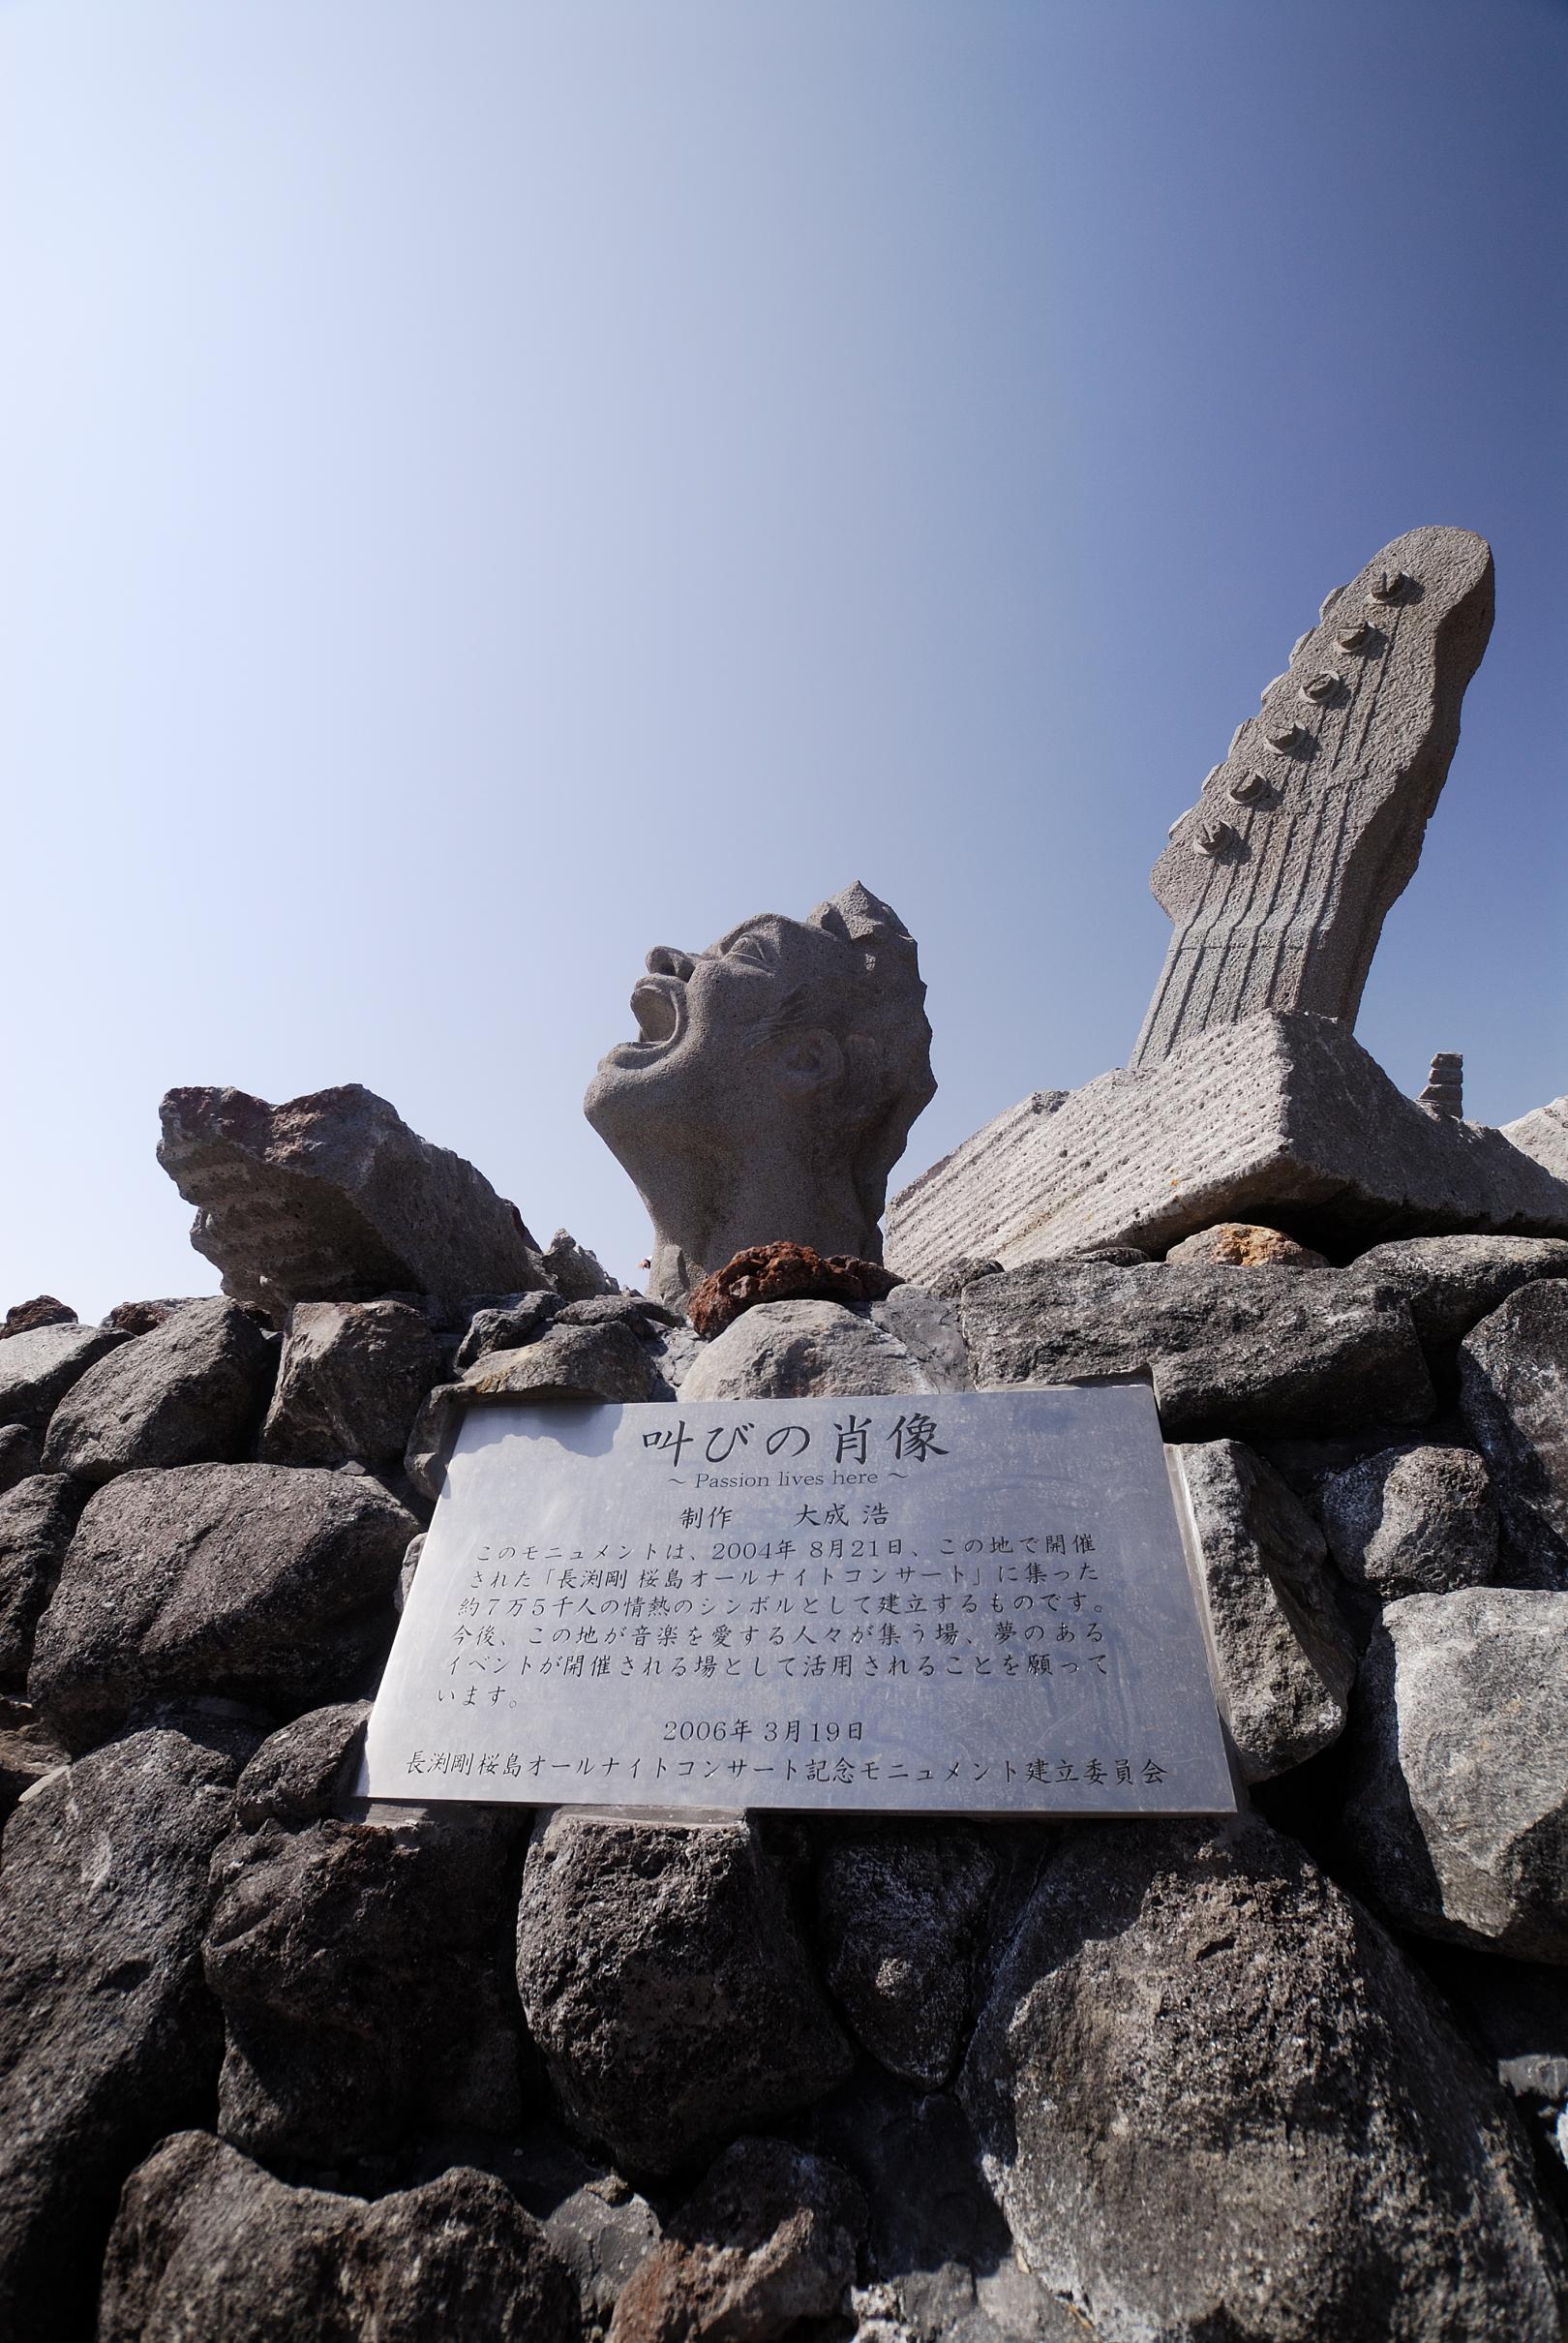 赤水展望広場・桜島オールナイトコンサート記念モニュメント「叫びの肖像」-1